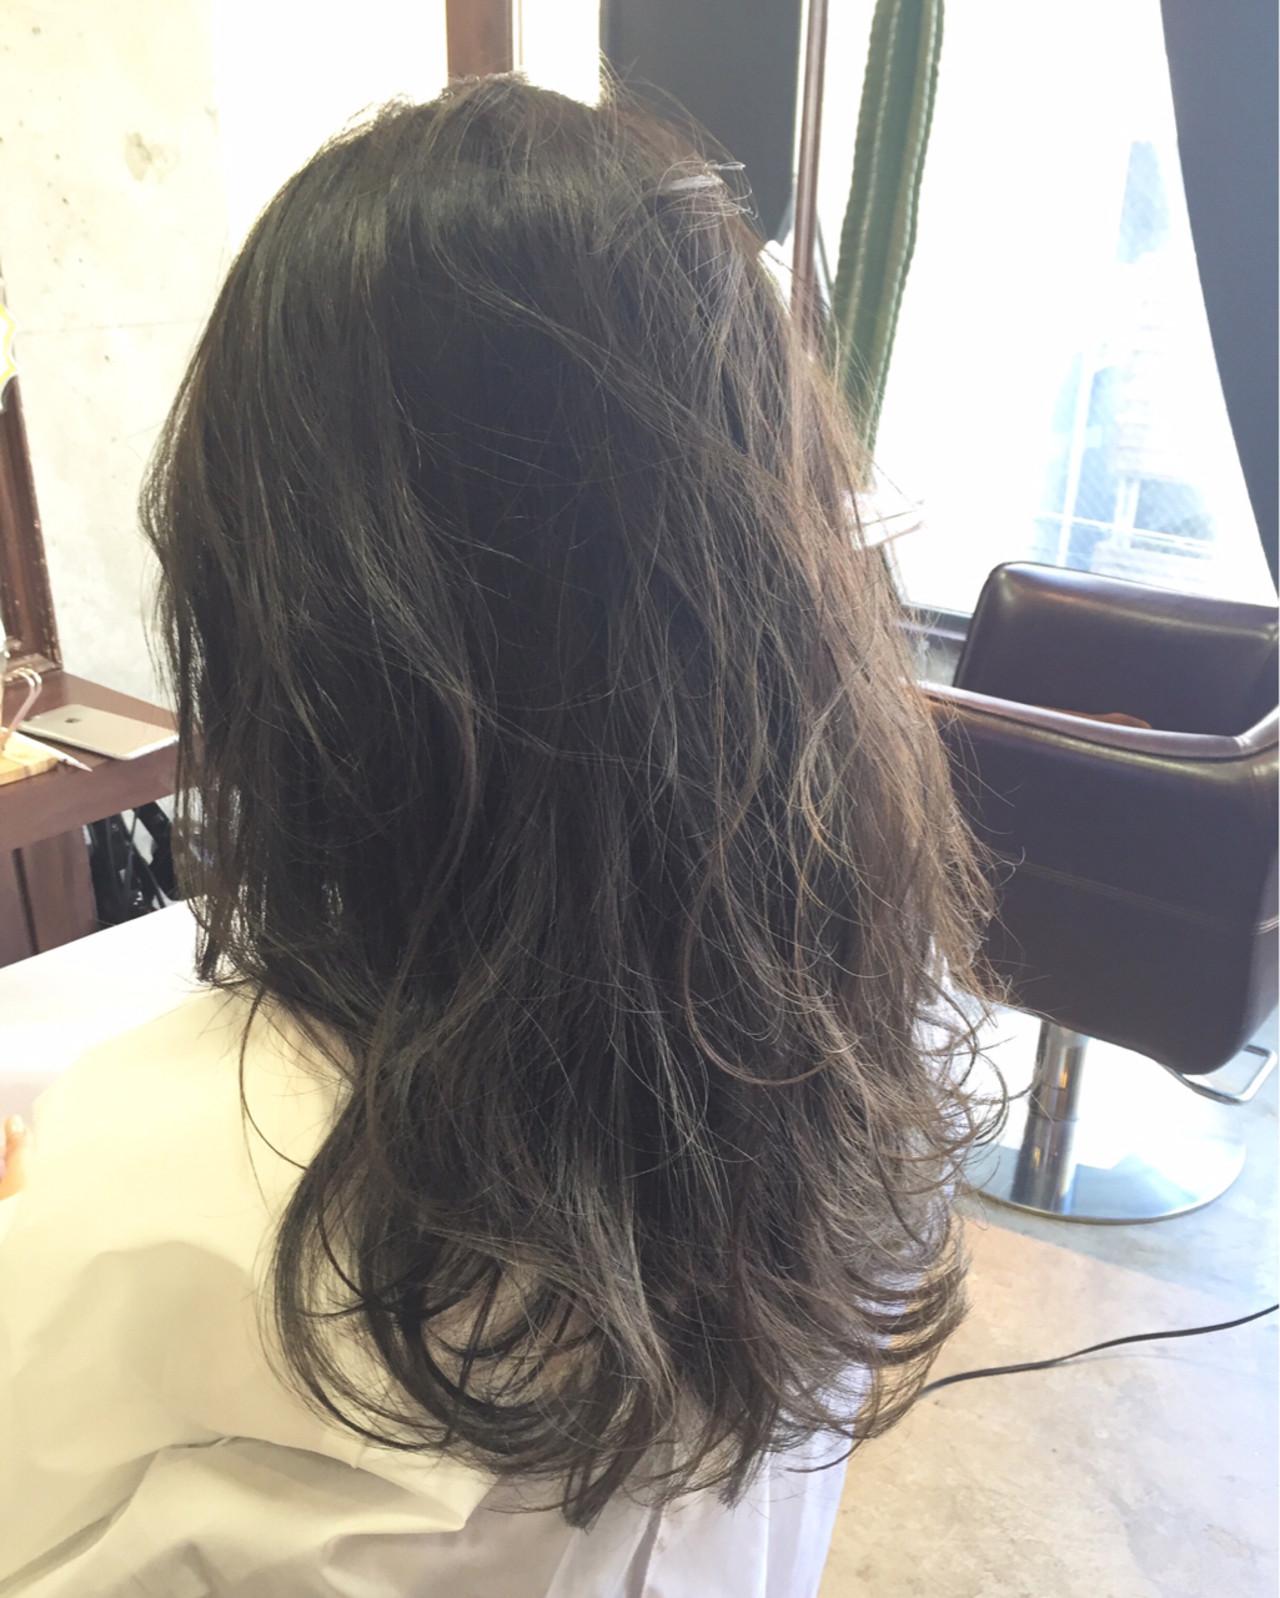 ゆるふわ 外国人風 ナチュラル 暗髪 ヘアスタイルや髪型の写真・画像